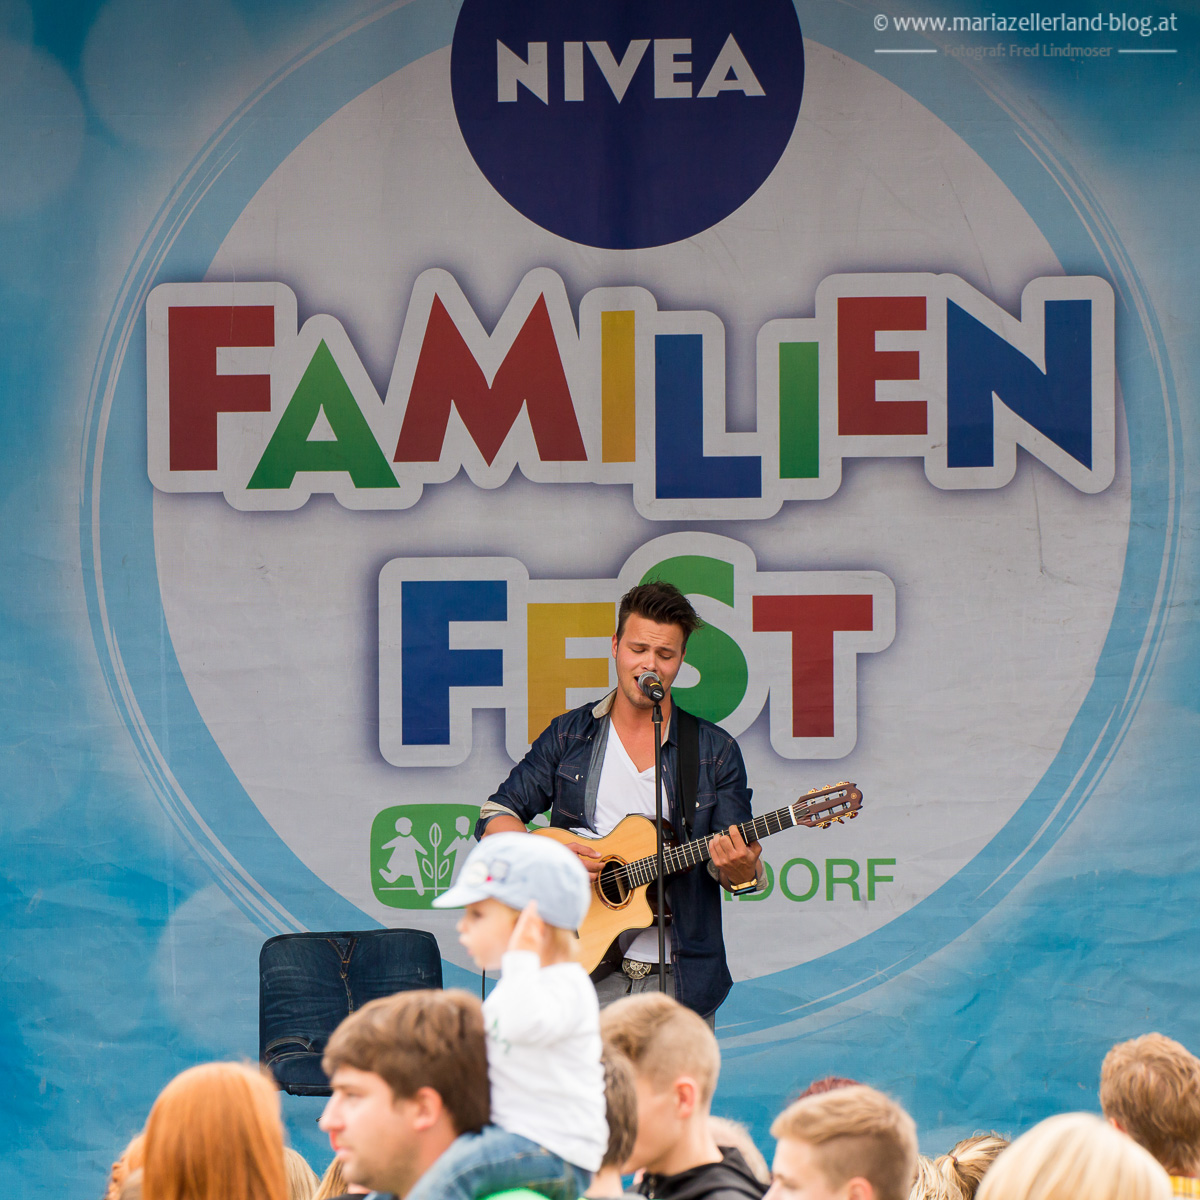 Nivea Familienfest am 12. und 13. Juli in Mariazell - Richi Schöggl auf der Showbühne